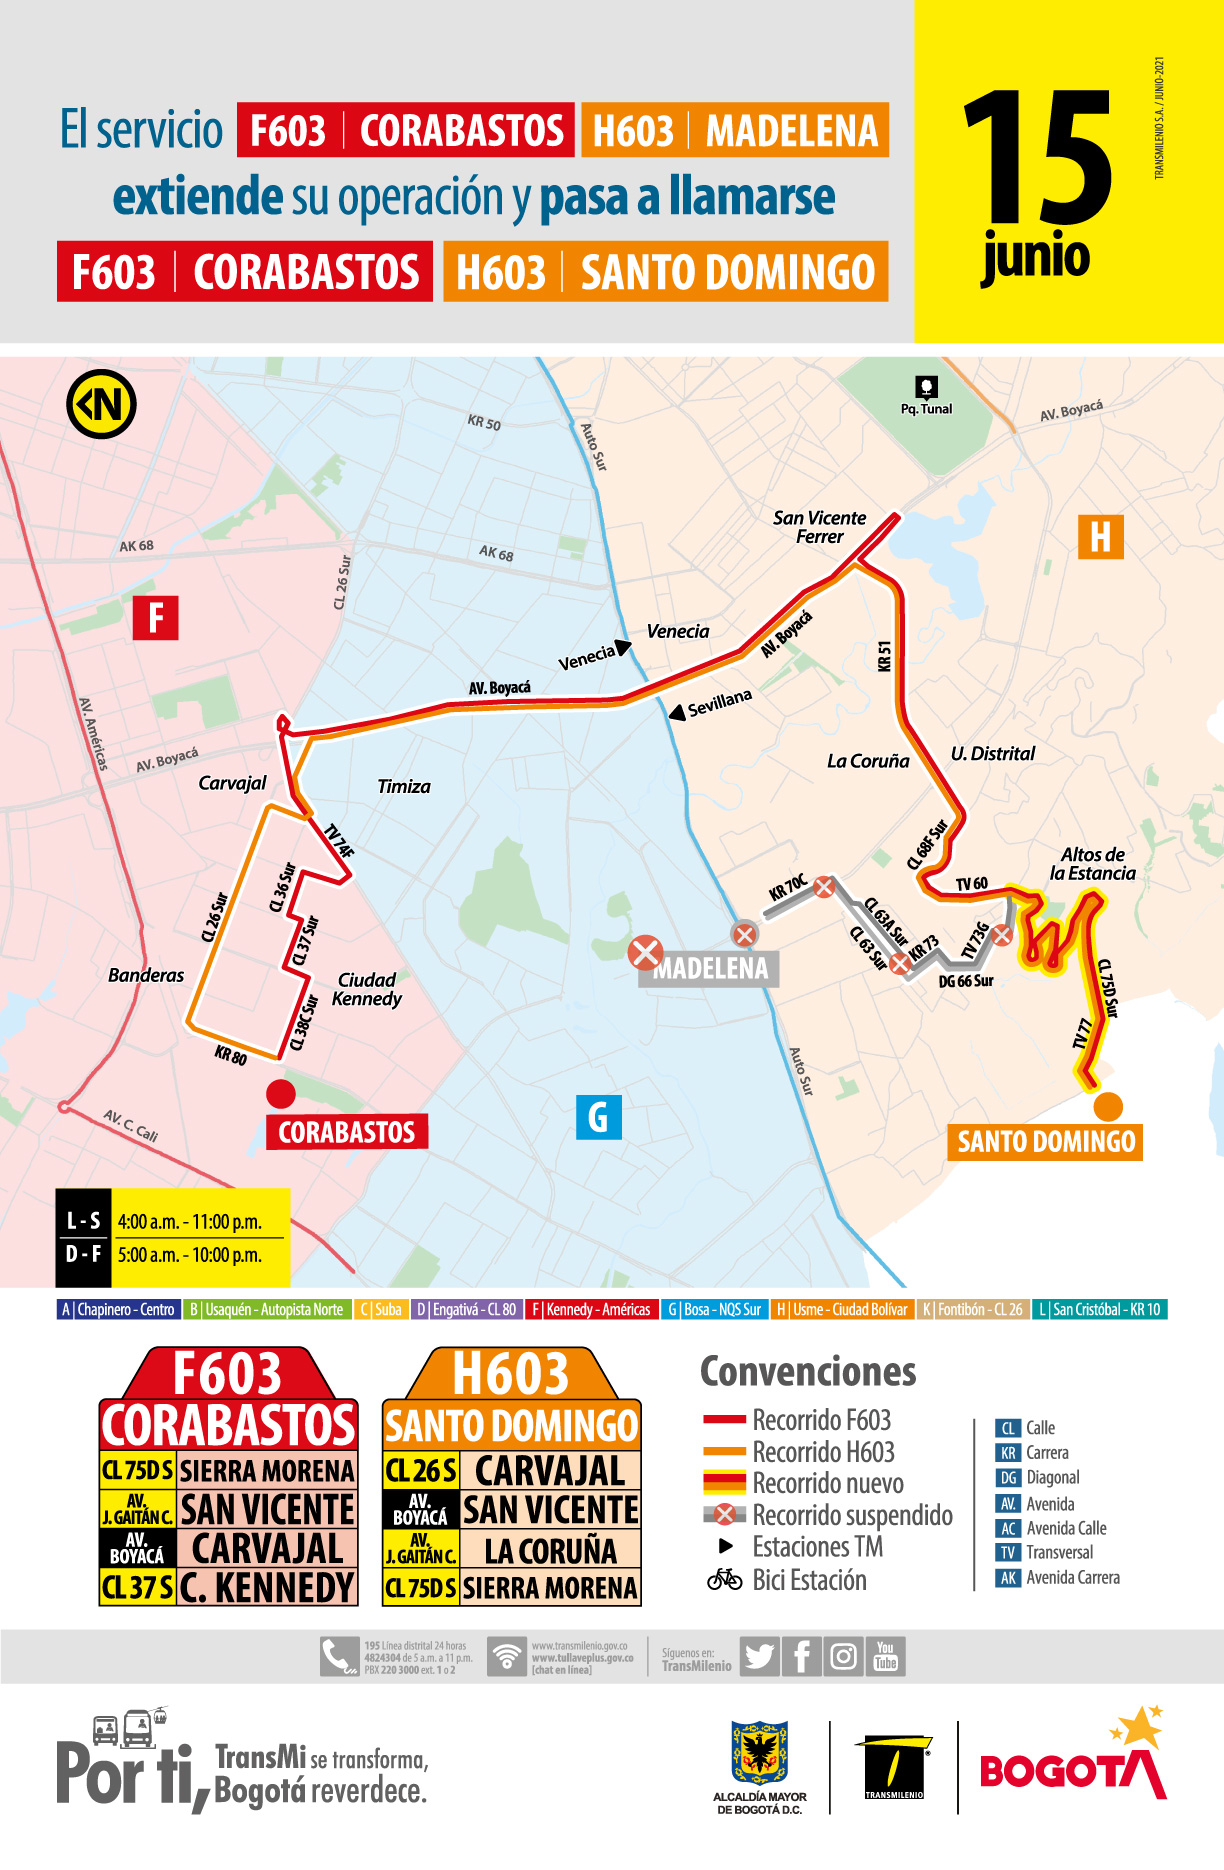 Ruta zonal F603 Corabastos - H603 Madelena extienden su operación y cambia su nombre